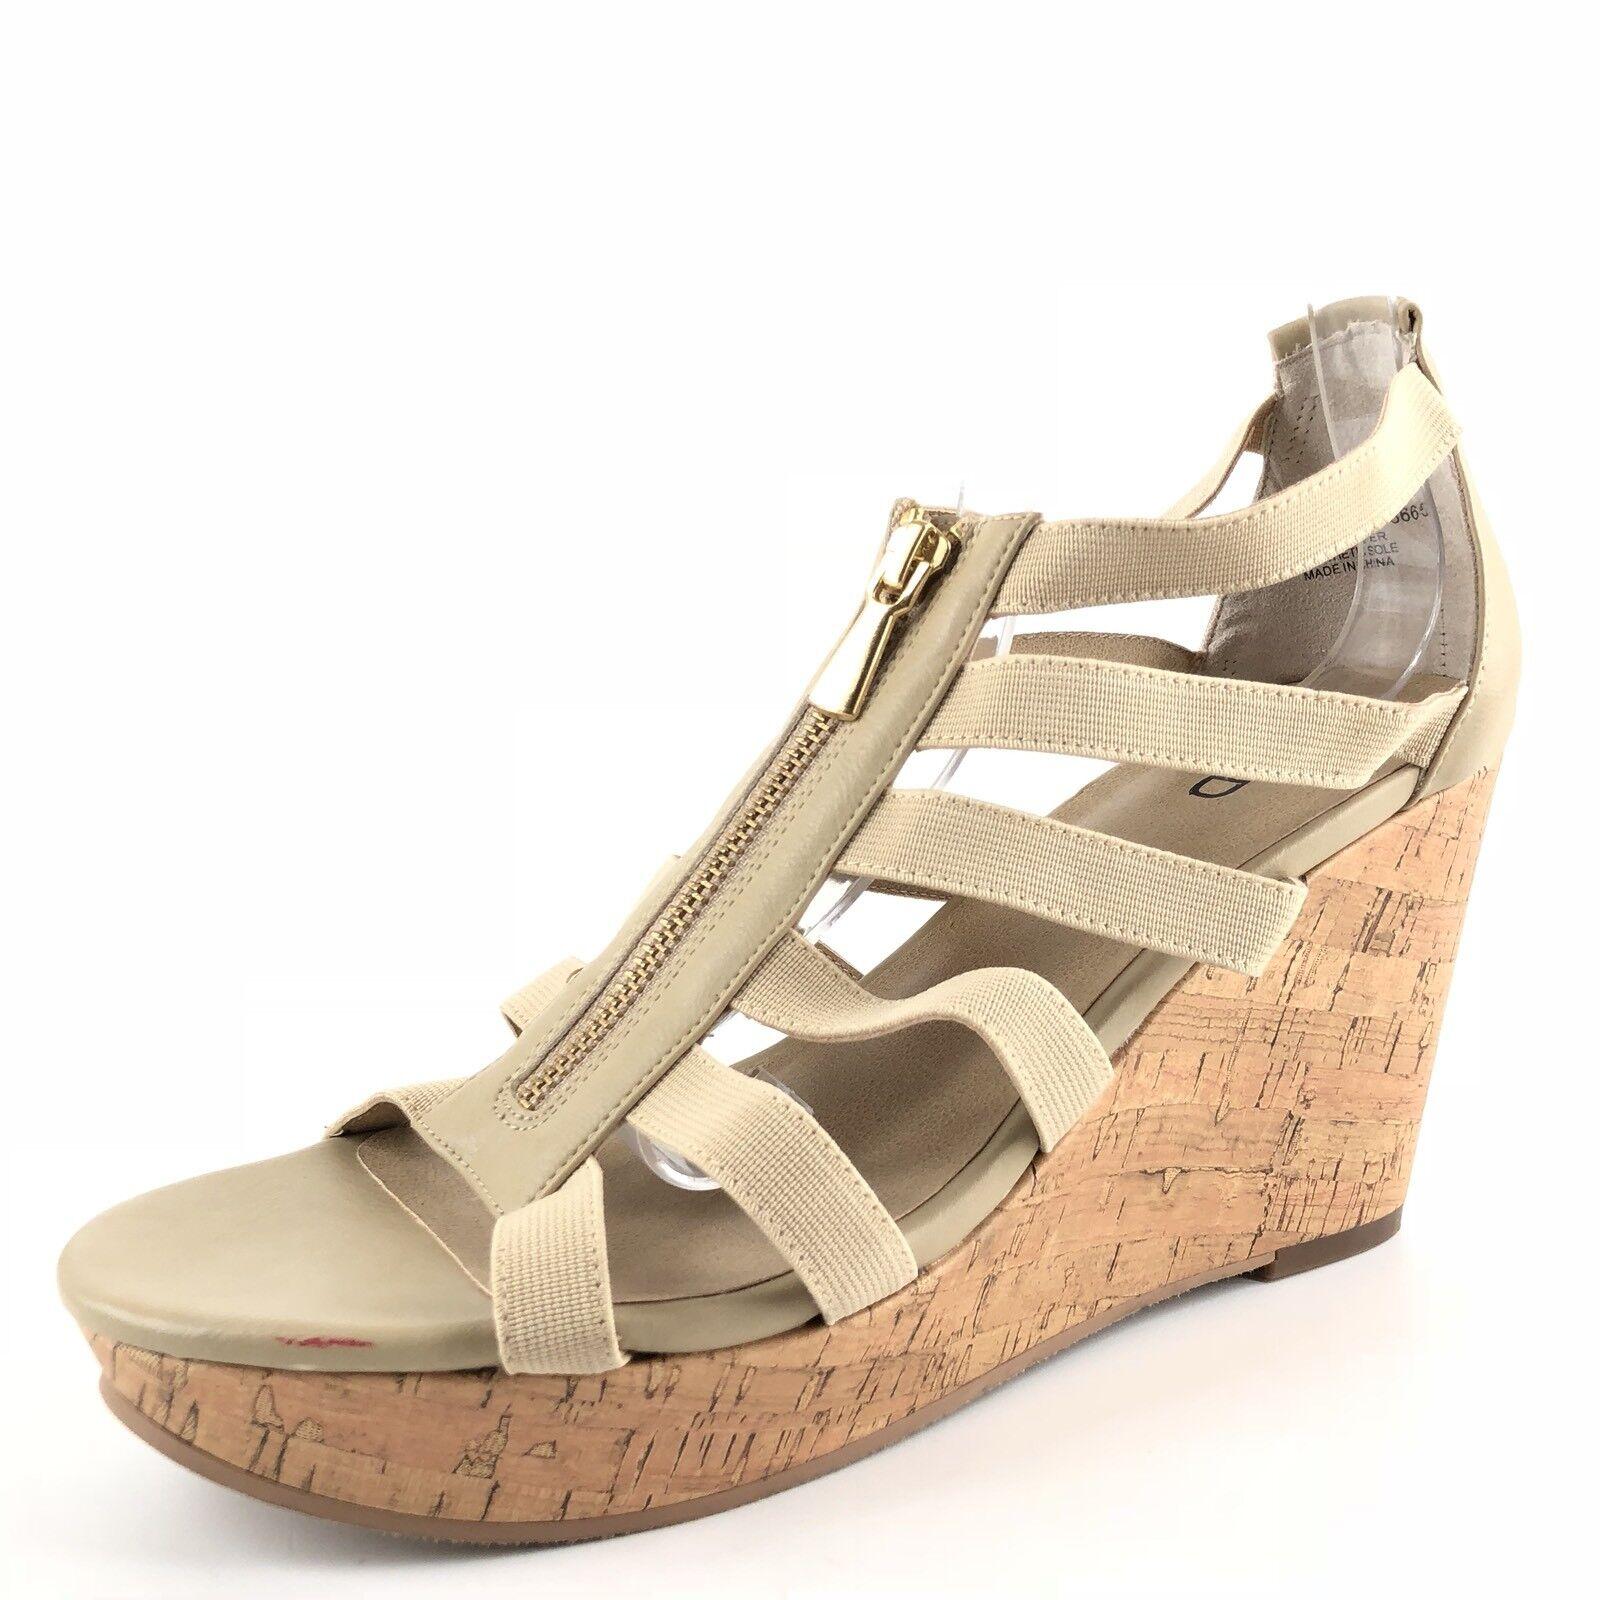 New Abound Vessa Natural Leather Platform Cork Wedge Sandals Women's Size 10 M